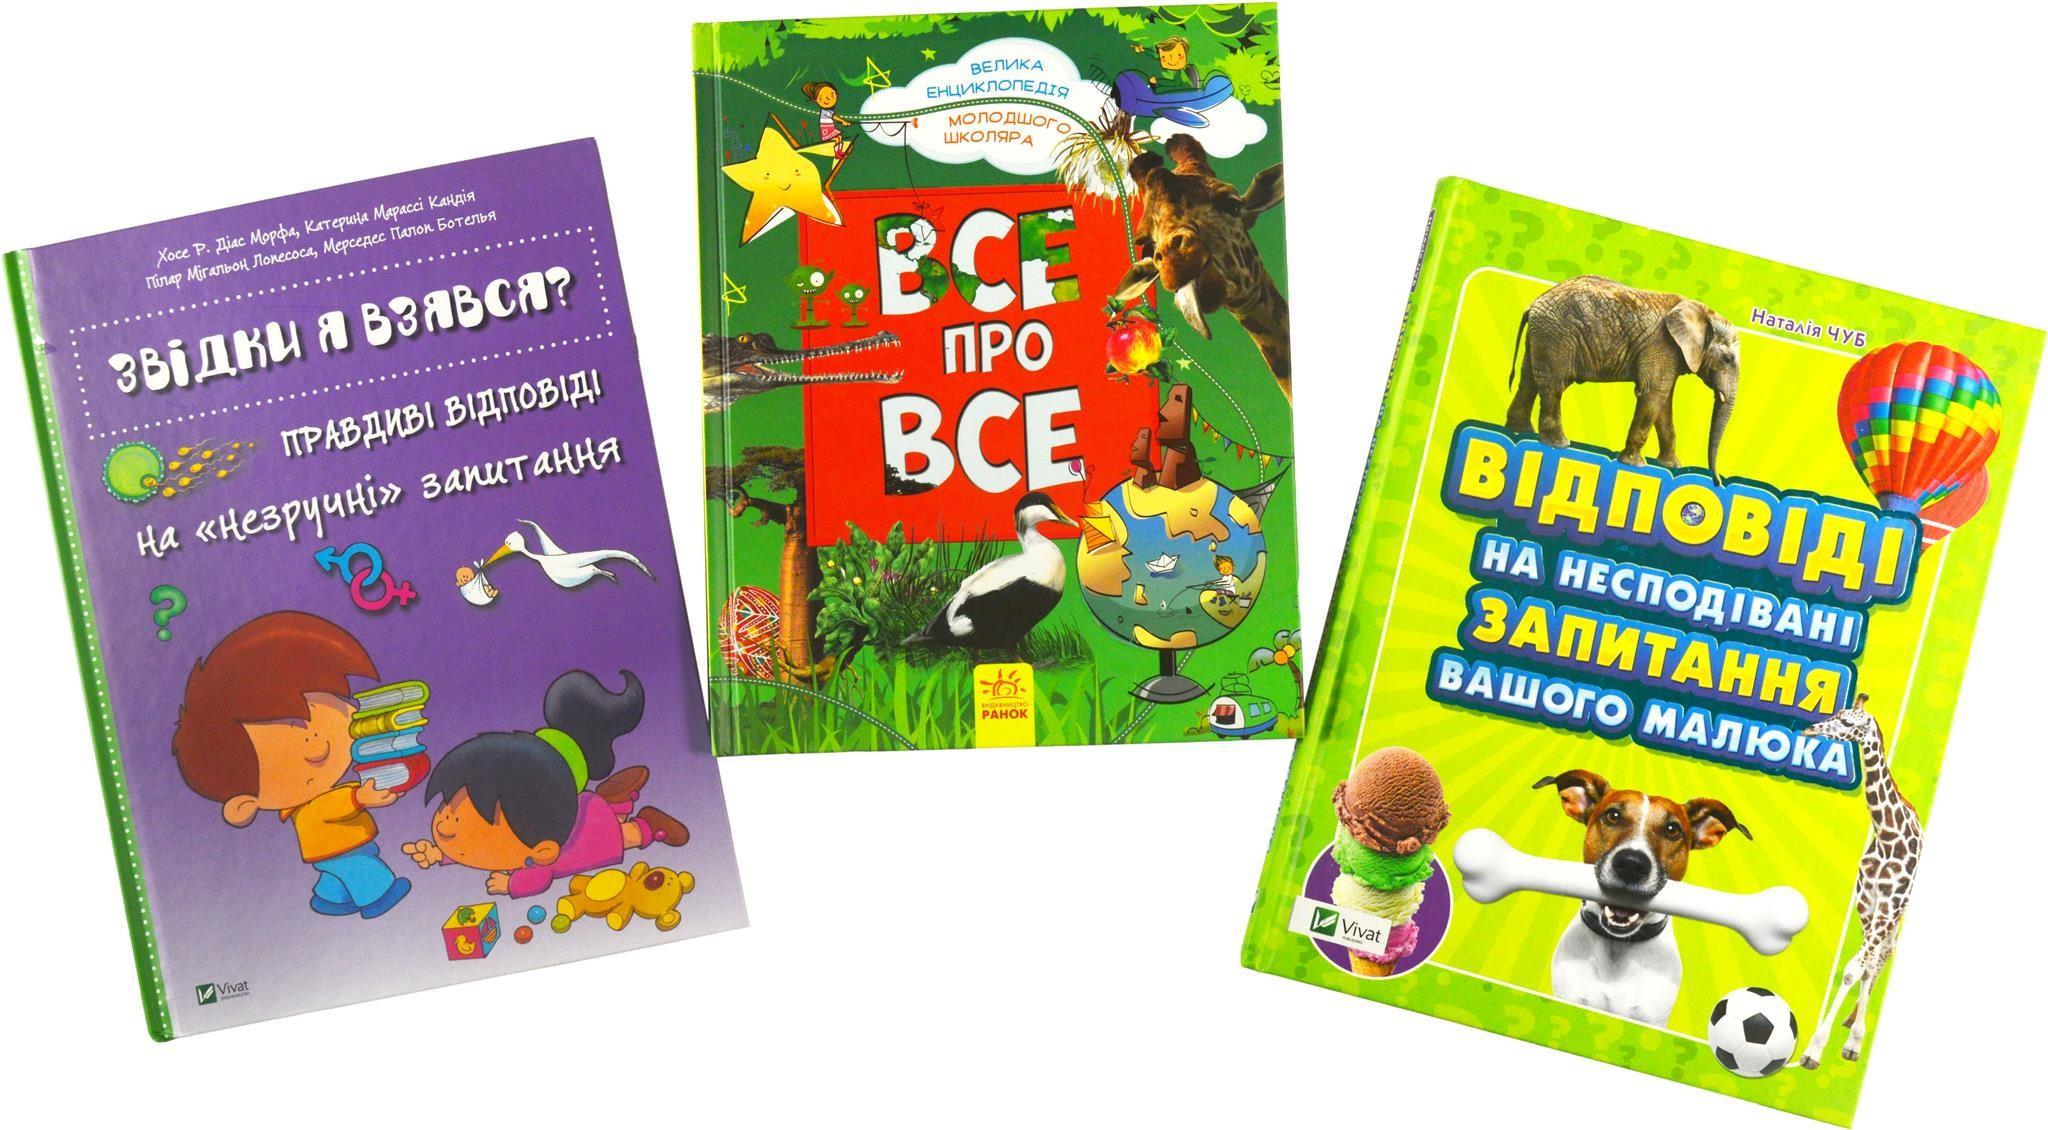 детские книги:енциклопедии